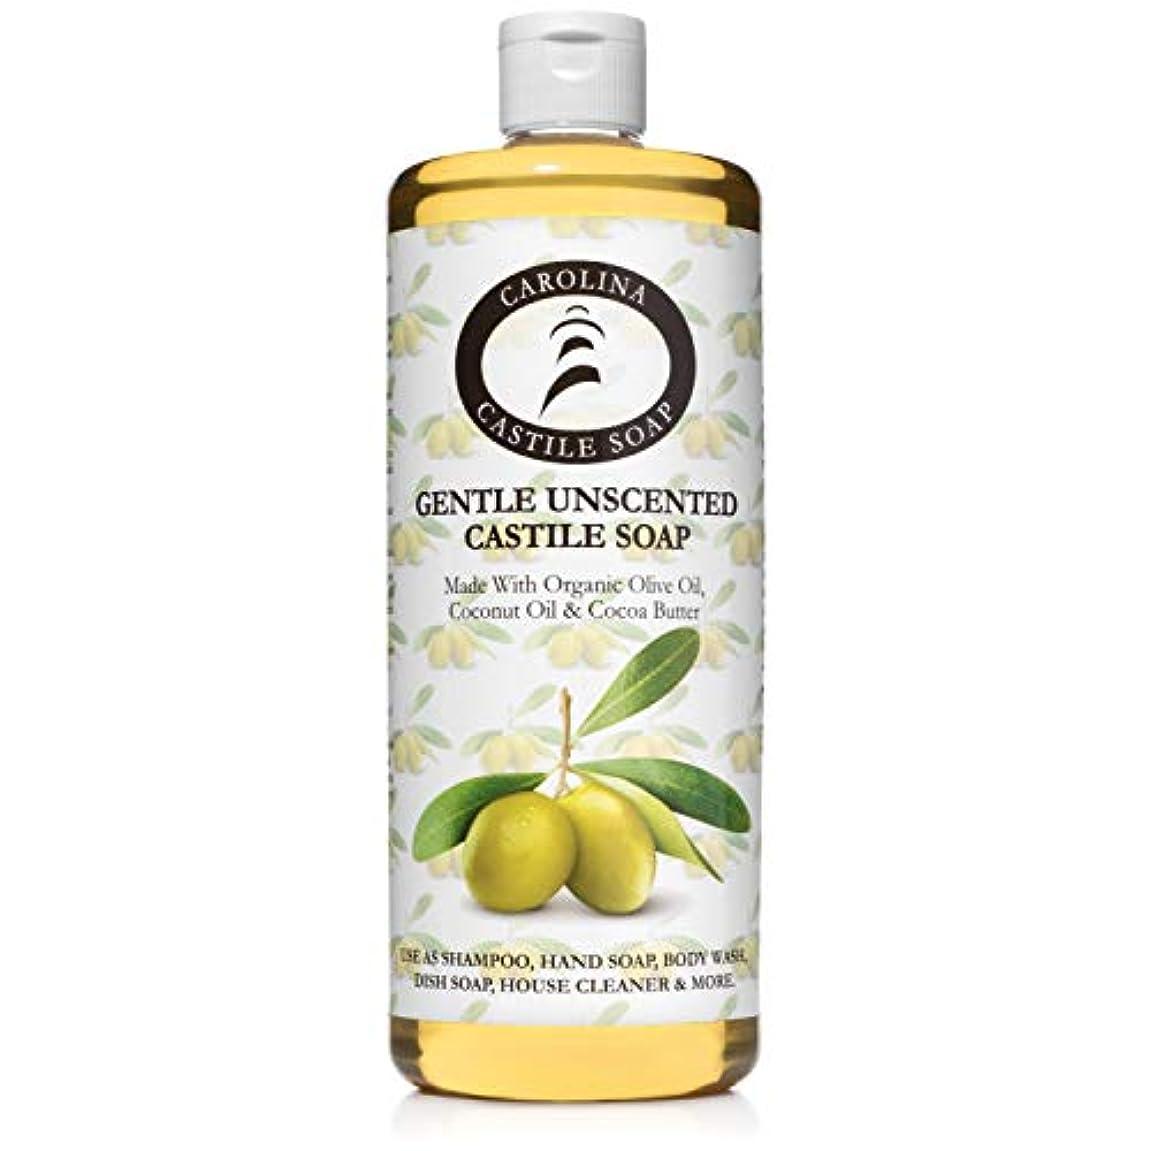 辞書とんでもないジャンルCarolina Castile Soap ジェントル無香料認定オーガニック 32オズ